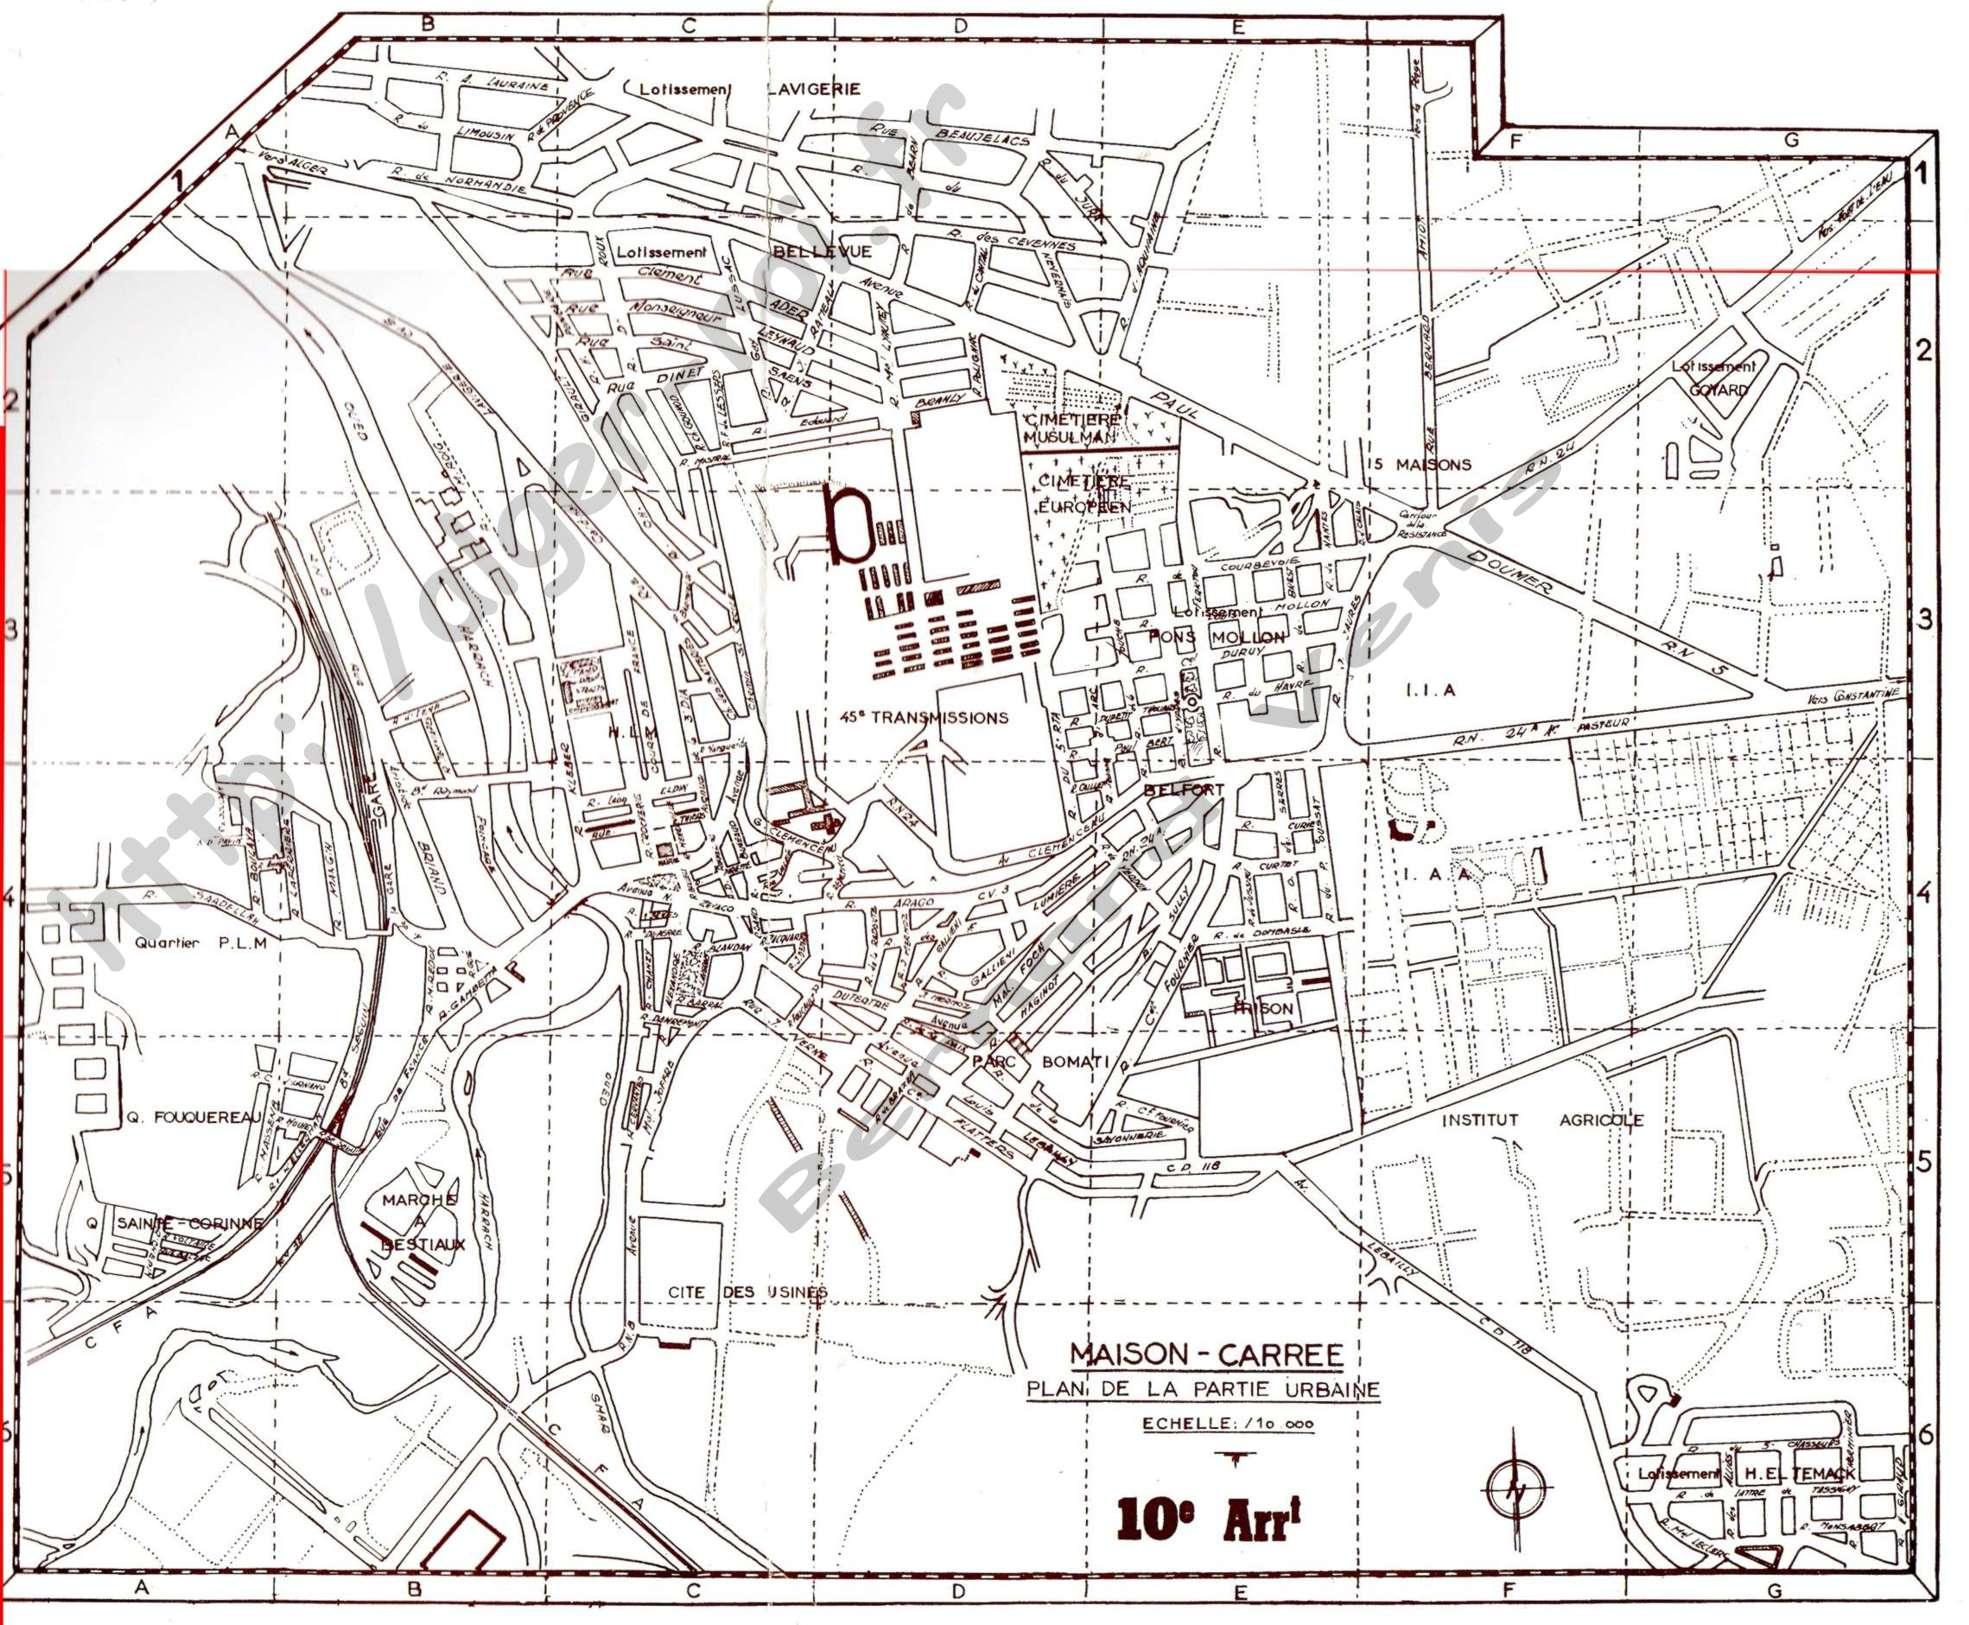 Maison carree plan de la partie urbaine http alger roi for Plans de maisons urbaines